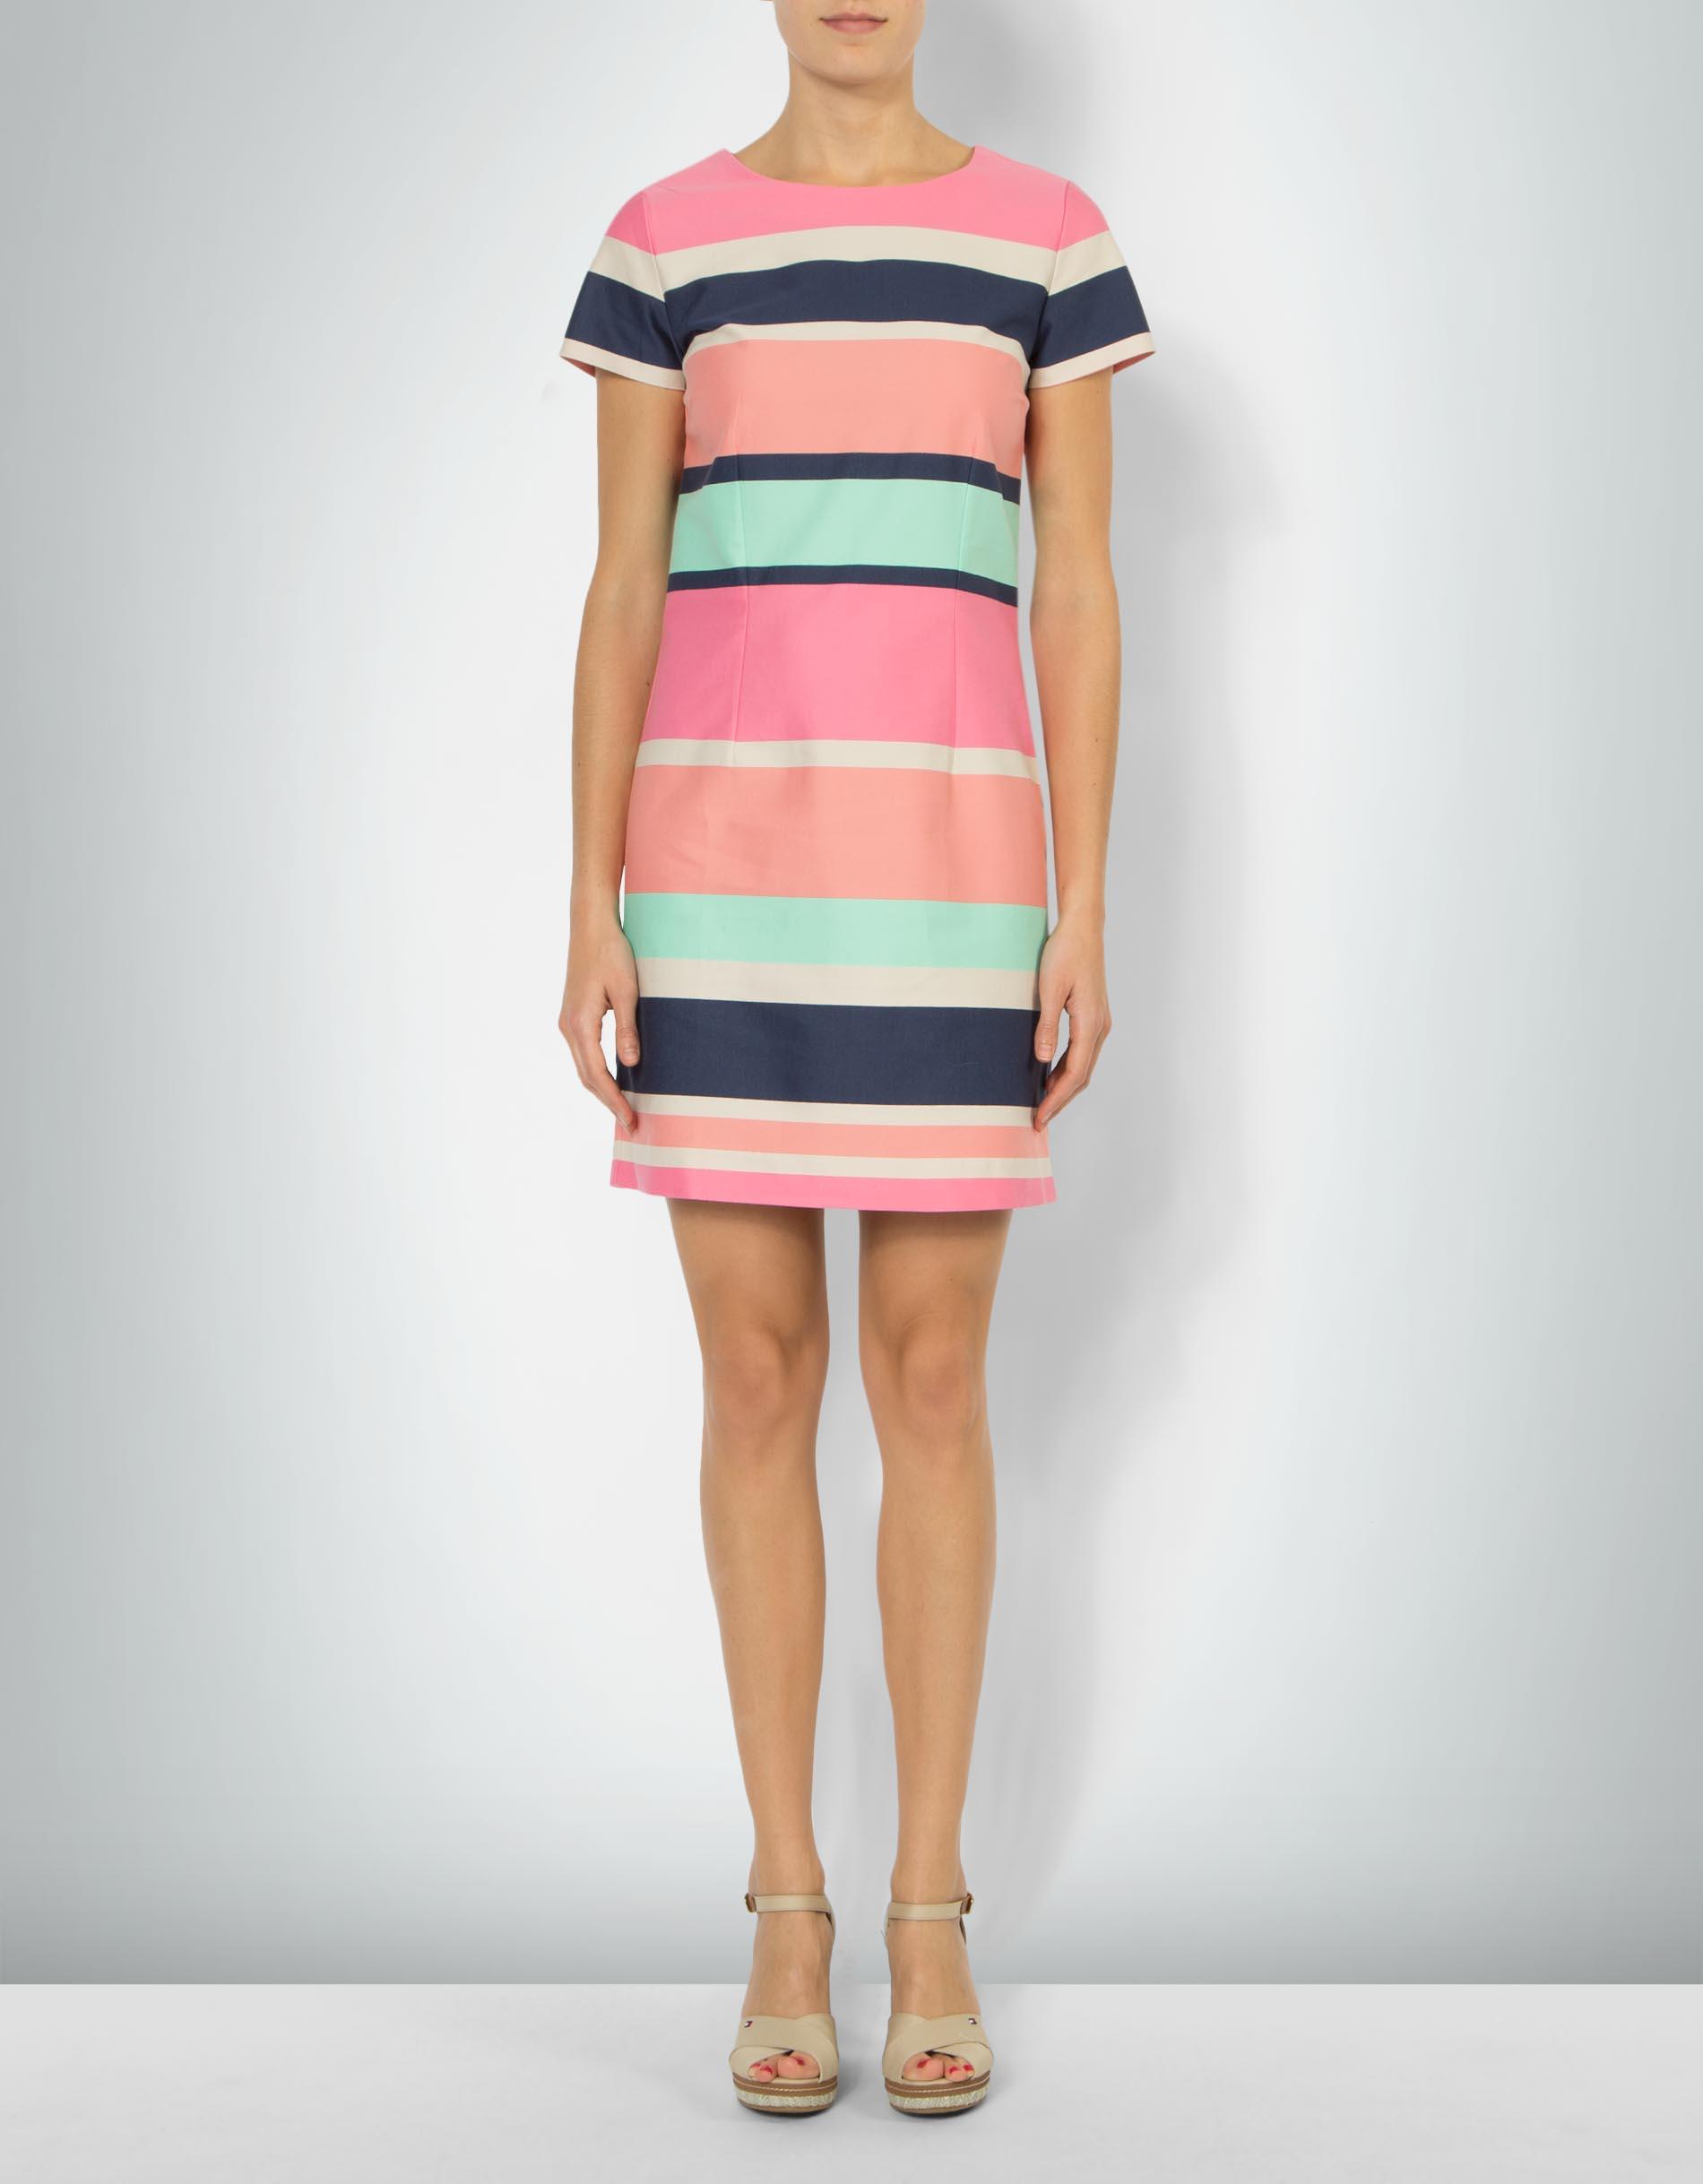 Gant Damen Kleid Etui im sommerlichen Dessin empfohlen von Deinen Schwestern a205181f36